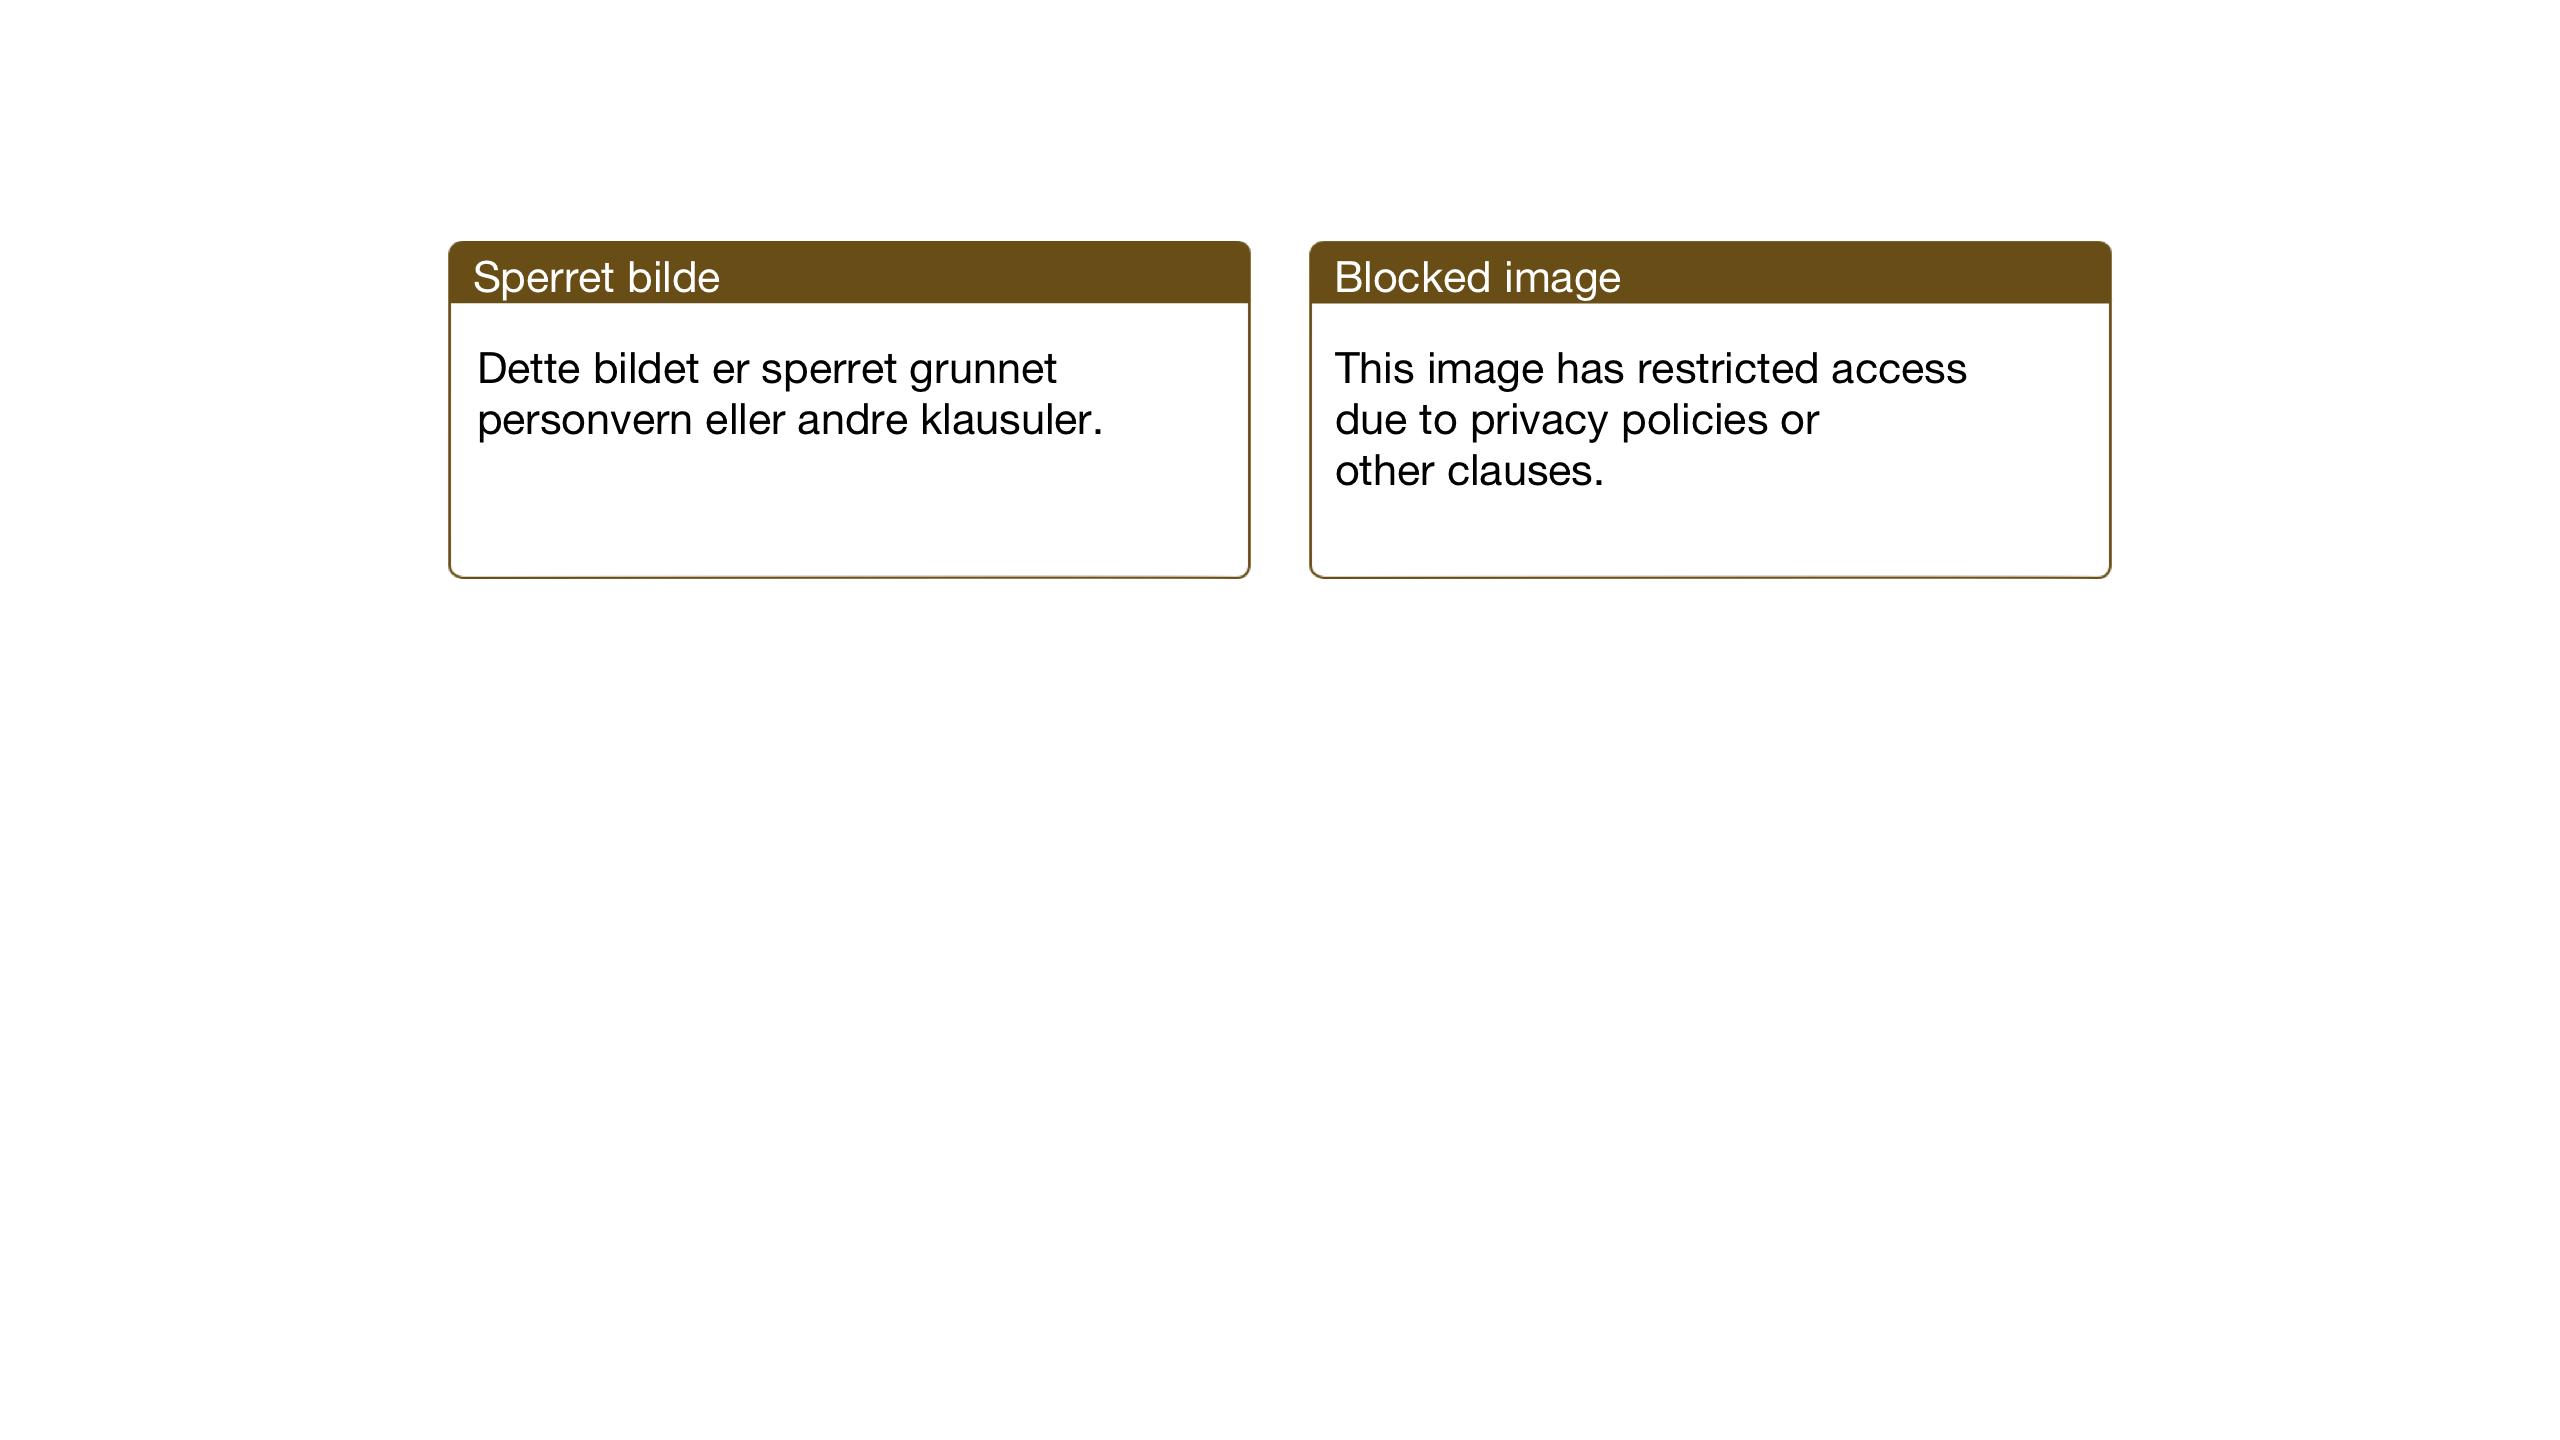 SAT, Ministerialprotokoller, klokkerbøker og fødselsregistre - Sør-Trøndelag, 692/L1114: Klokkerbok nr. 692C09, 1928-1935, s. 42